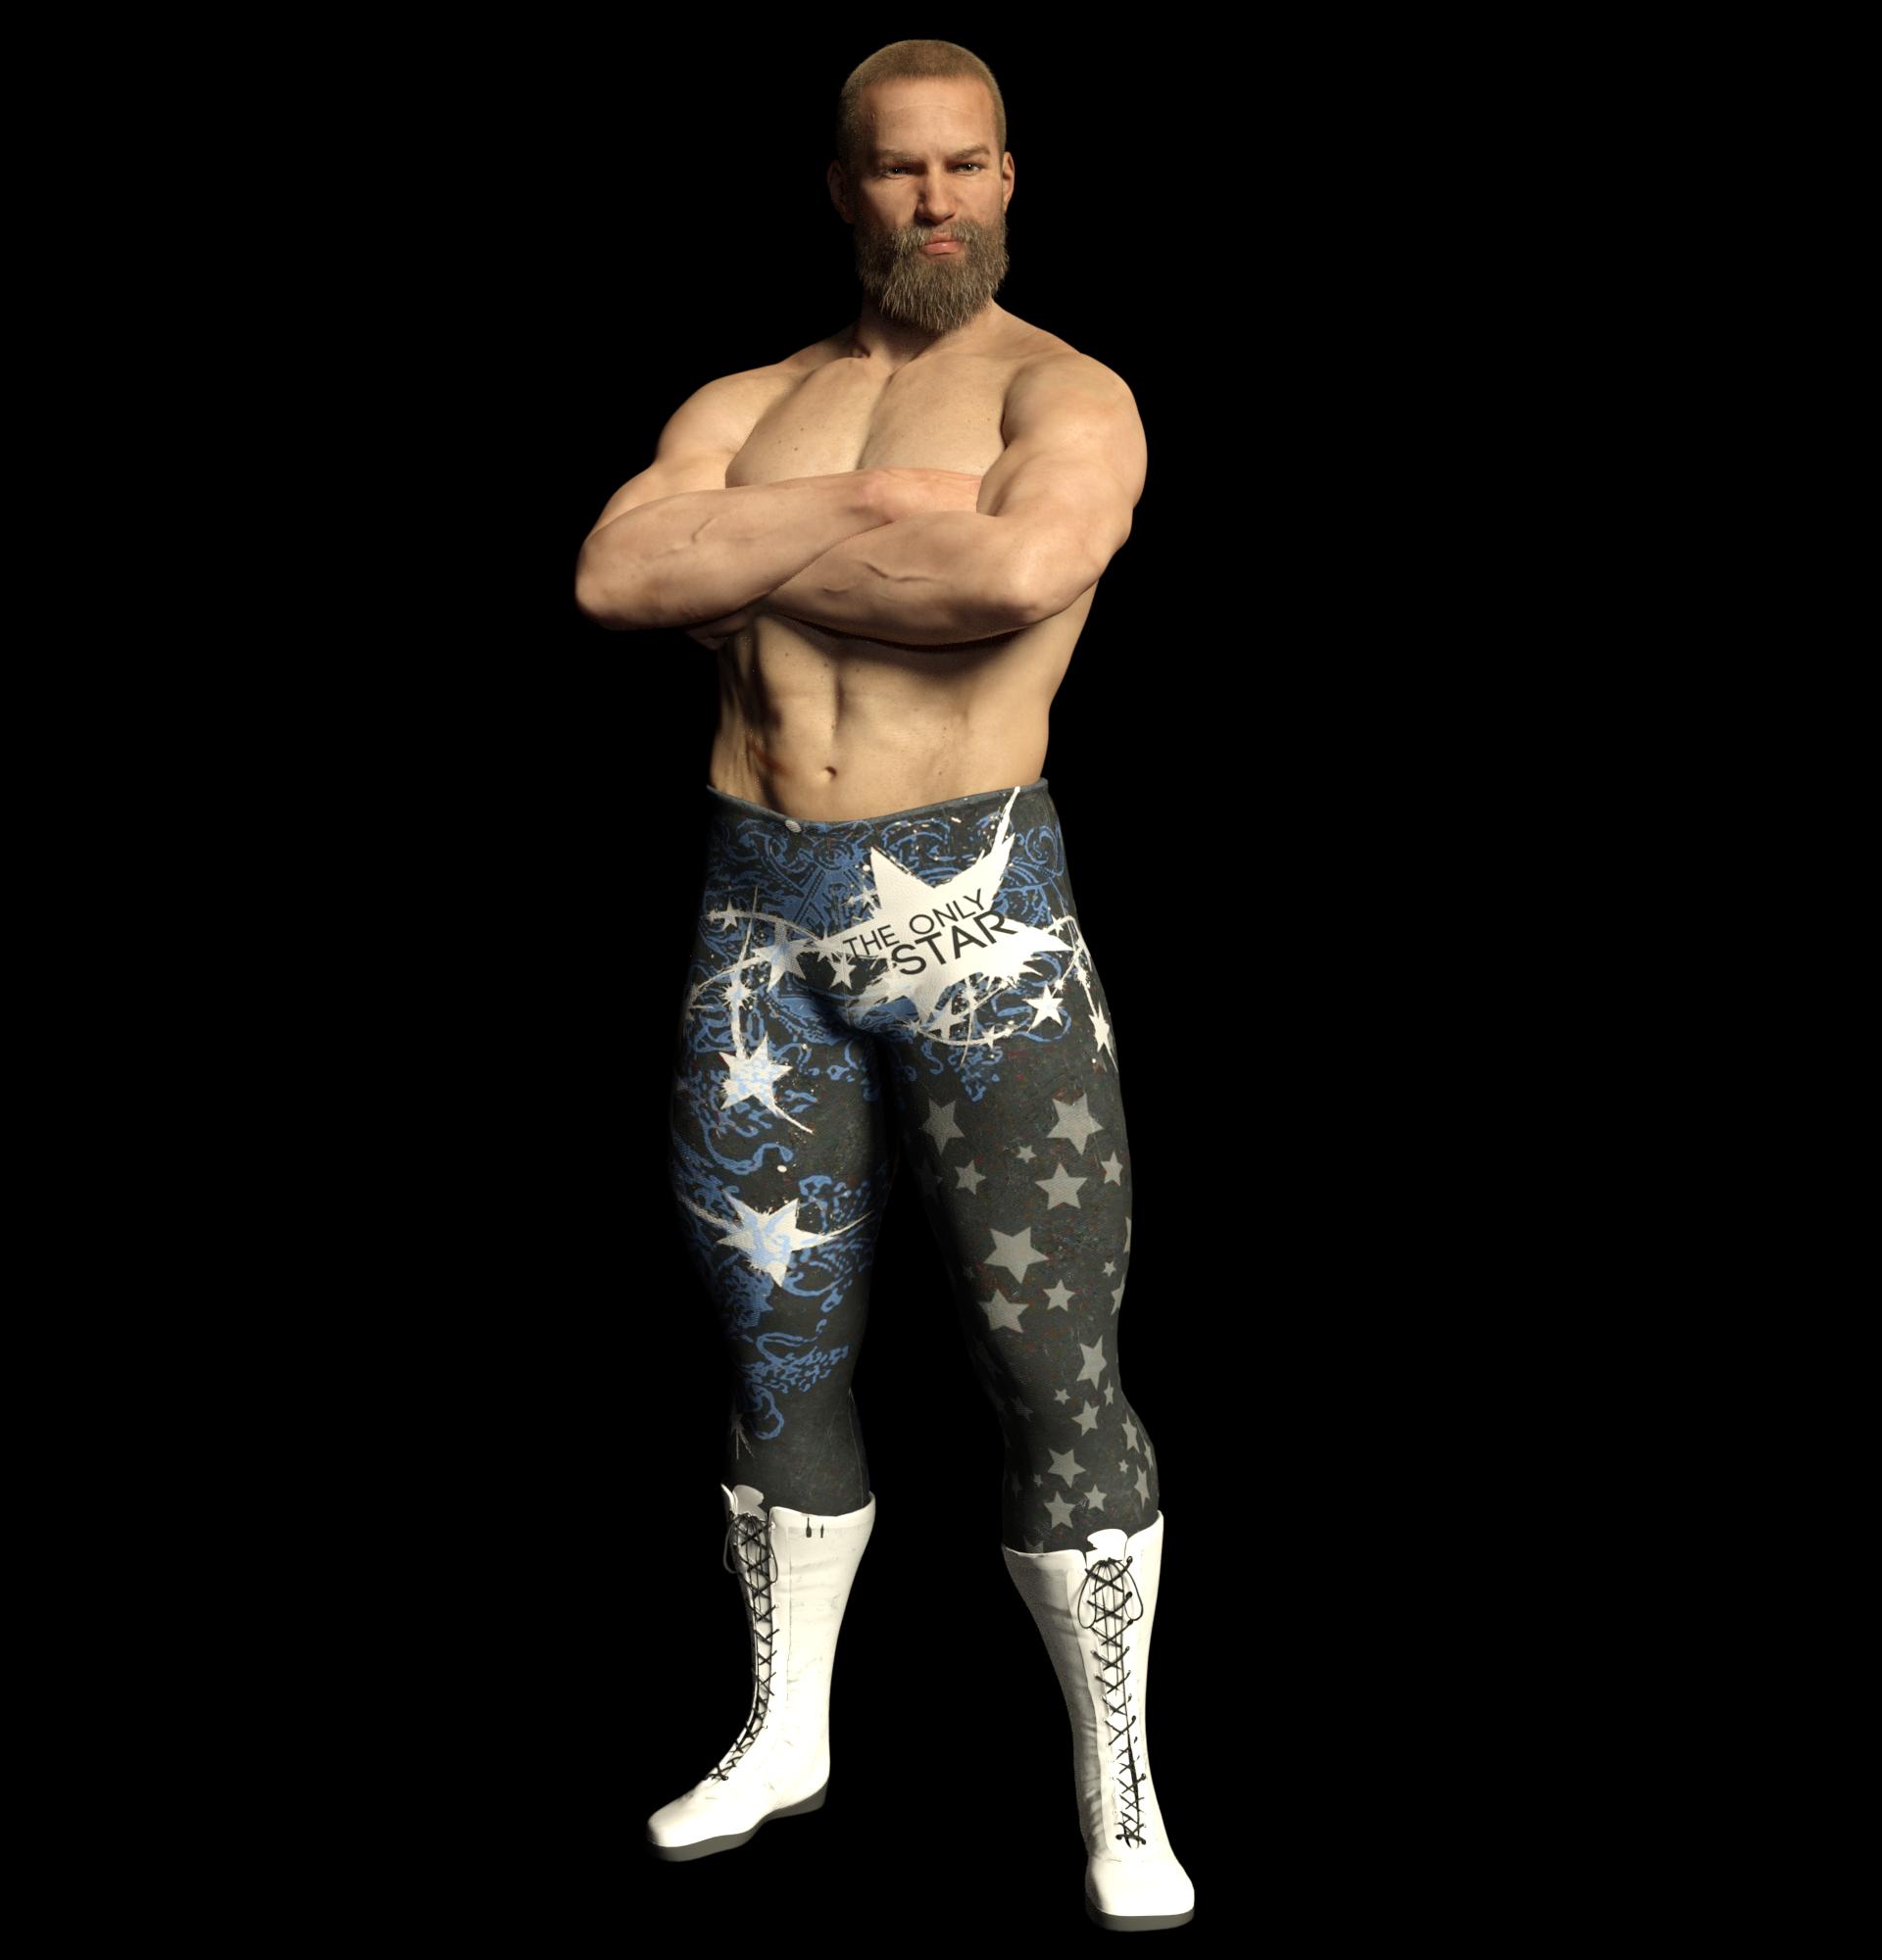 Eric Dane Bodyshot